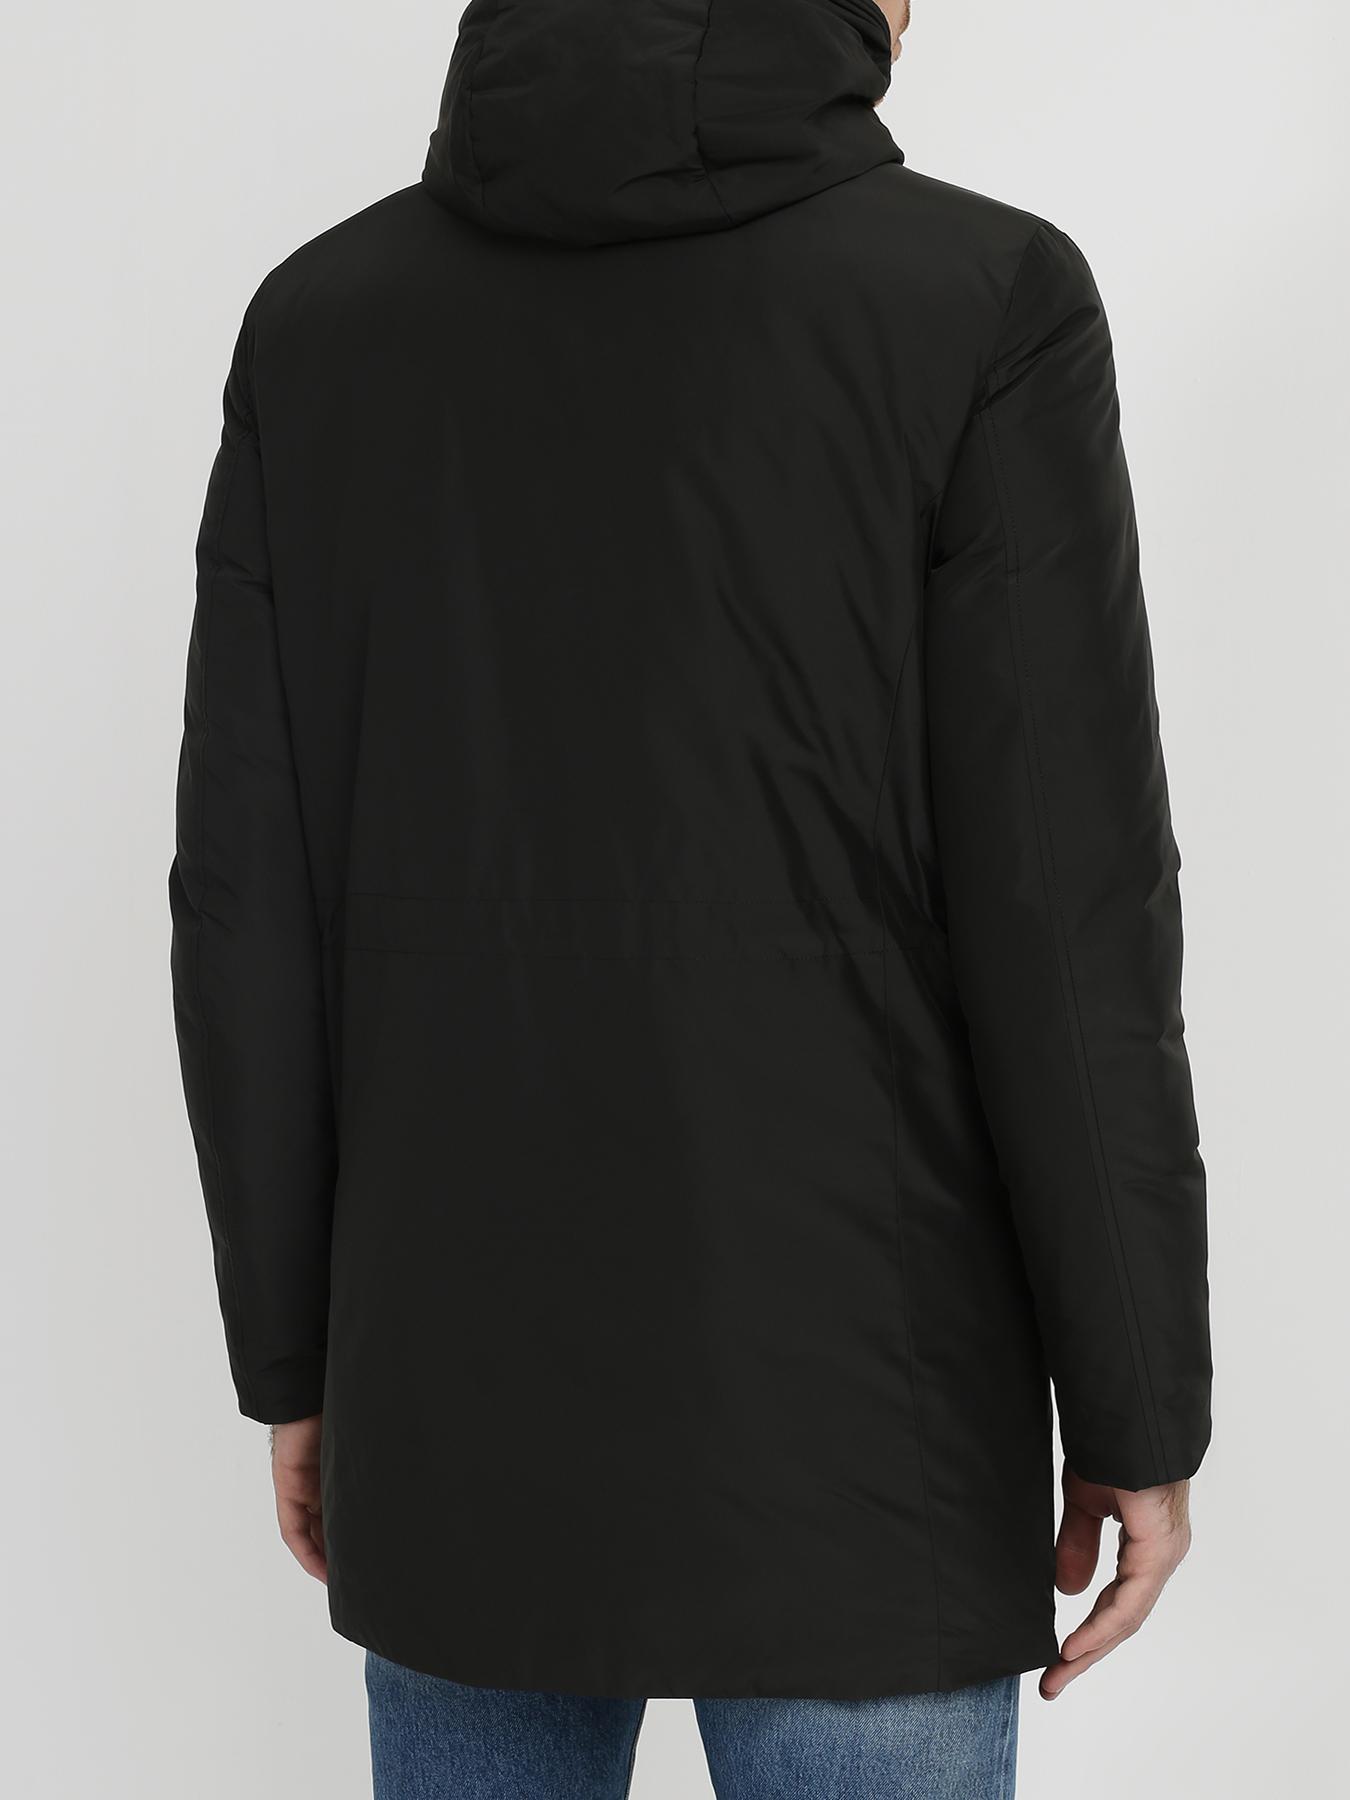 Korpo Куртка с капюшоном 324906-025 Фото 2